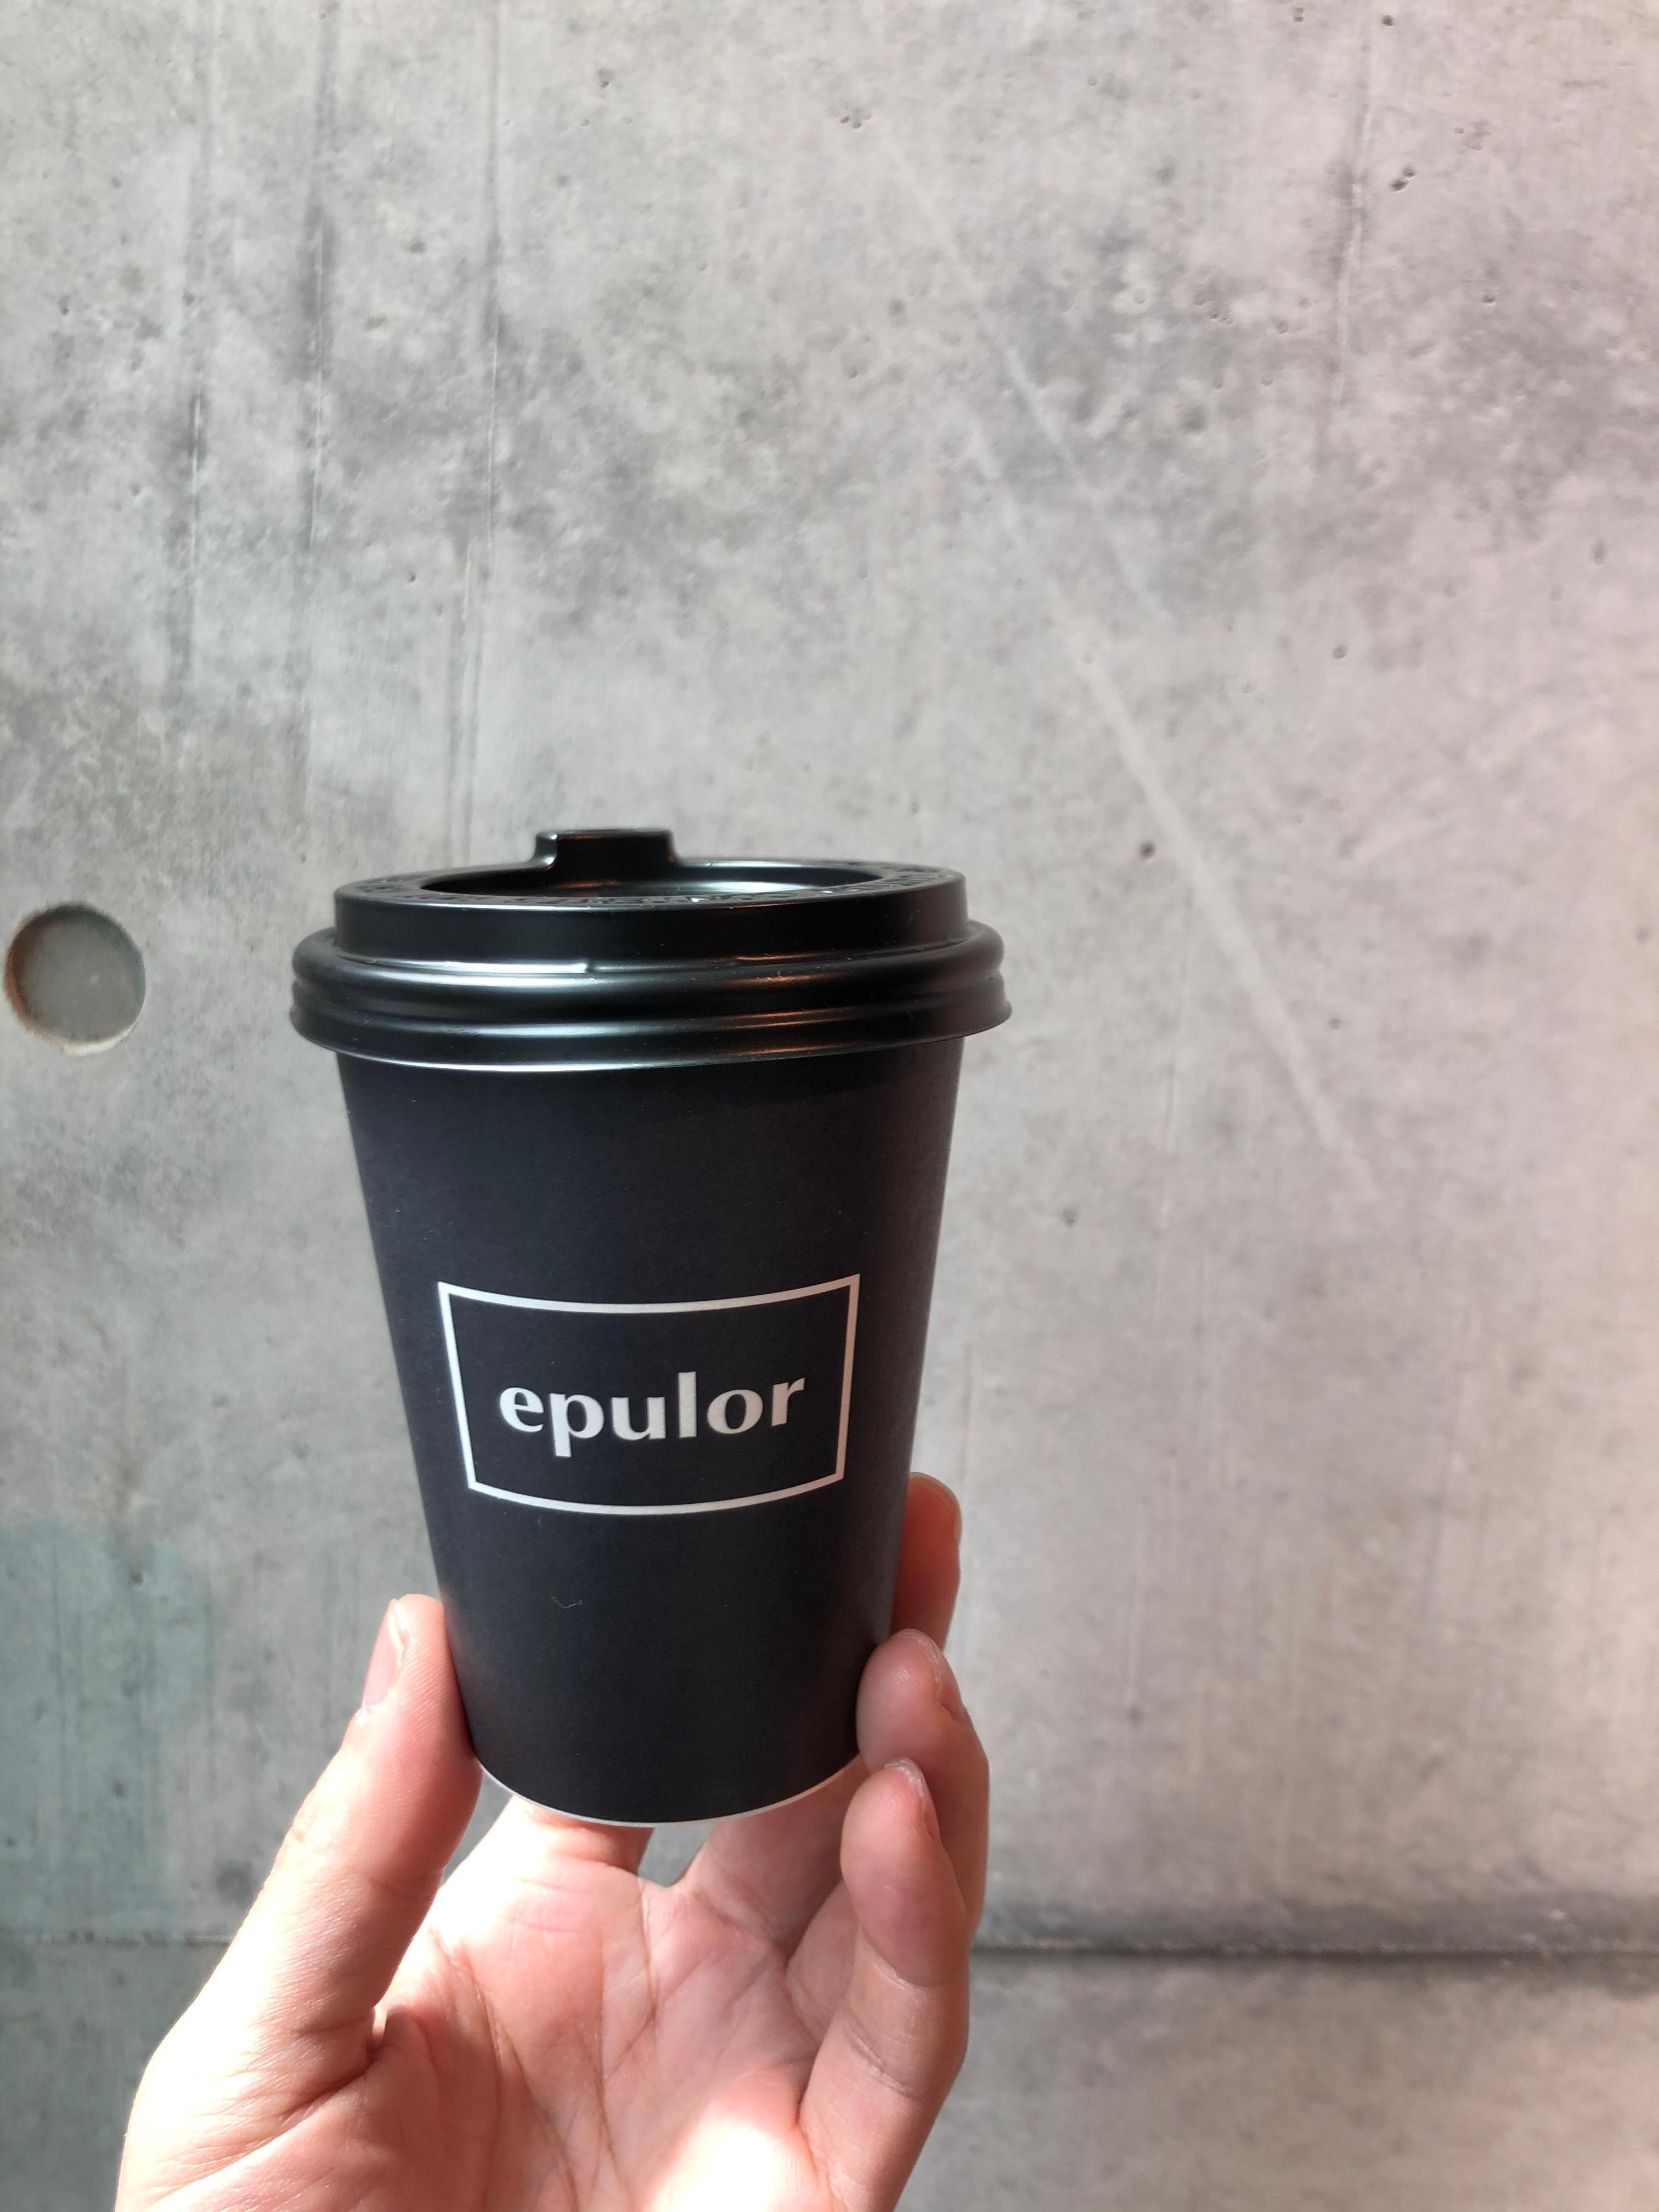 東京・目黒区青葉台「epulor」ドリップコーヒー【飲食店応援企画】